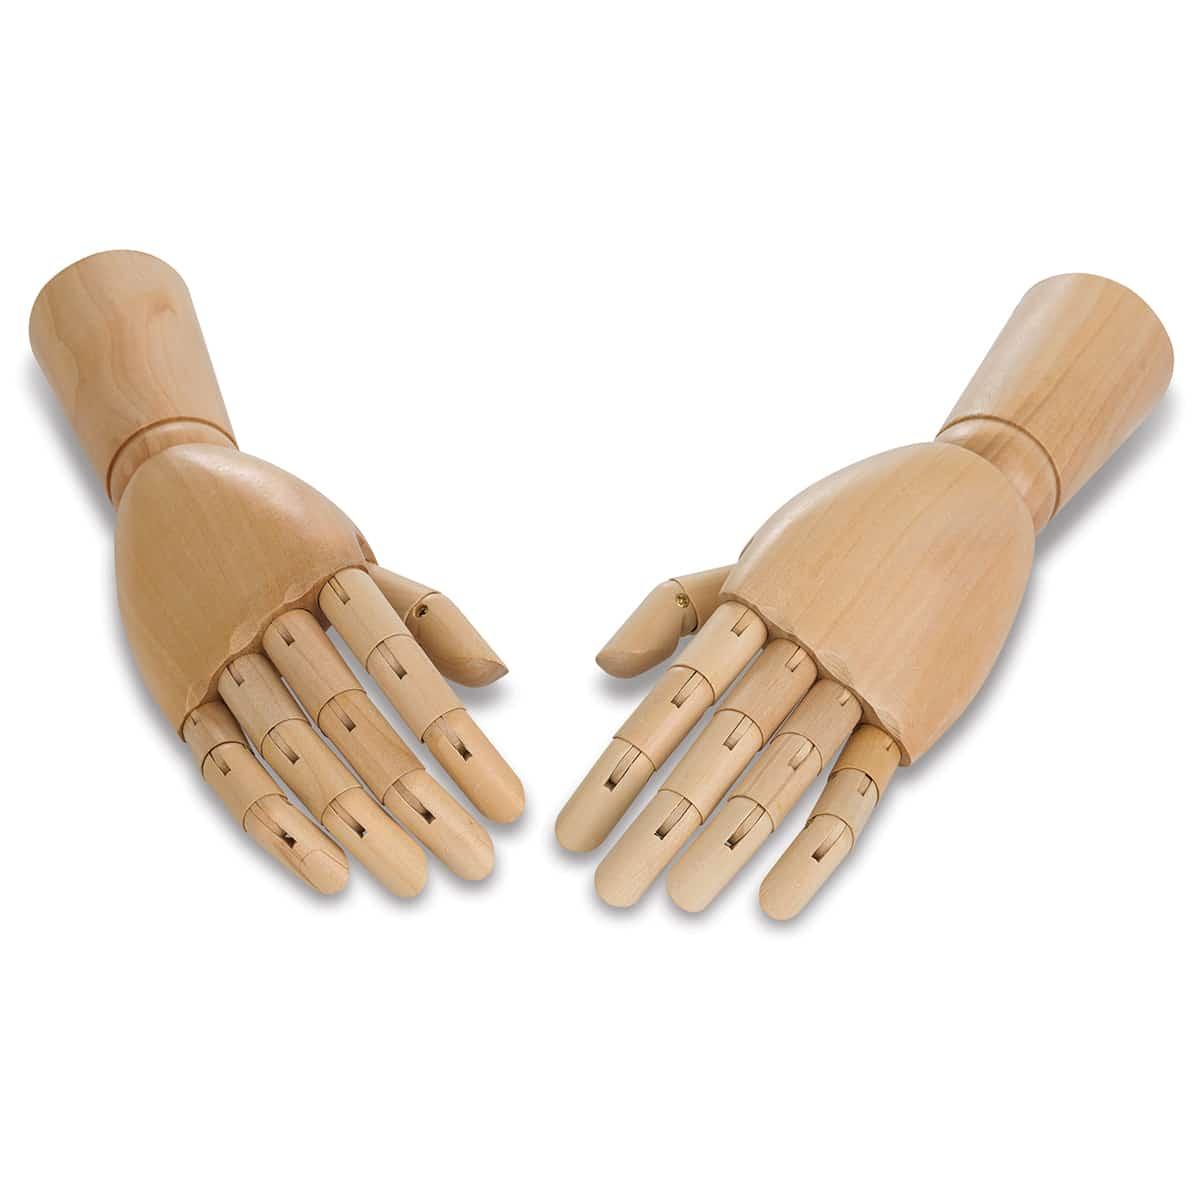 Blick Hand Manikin